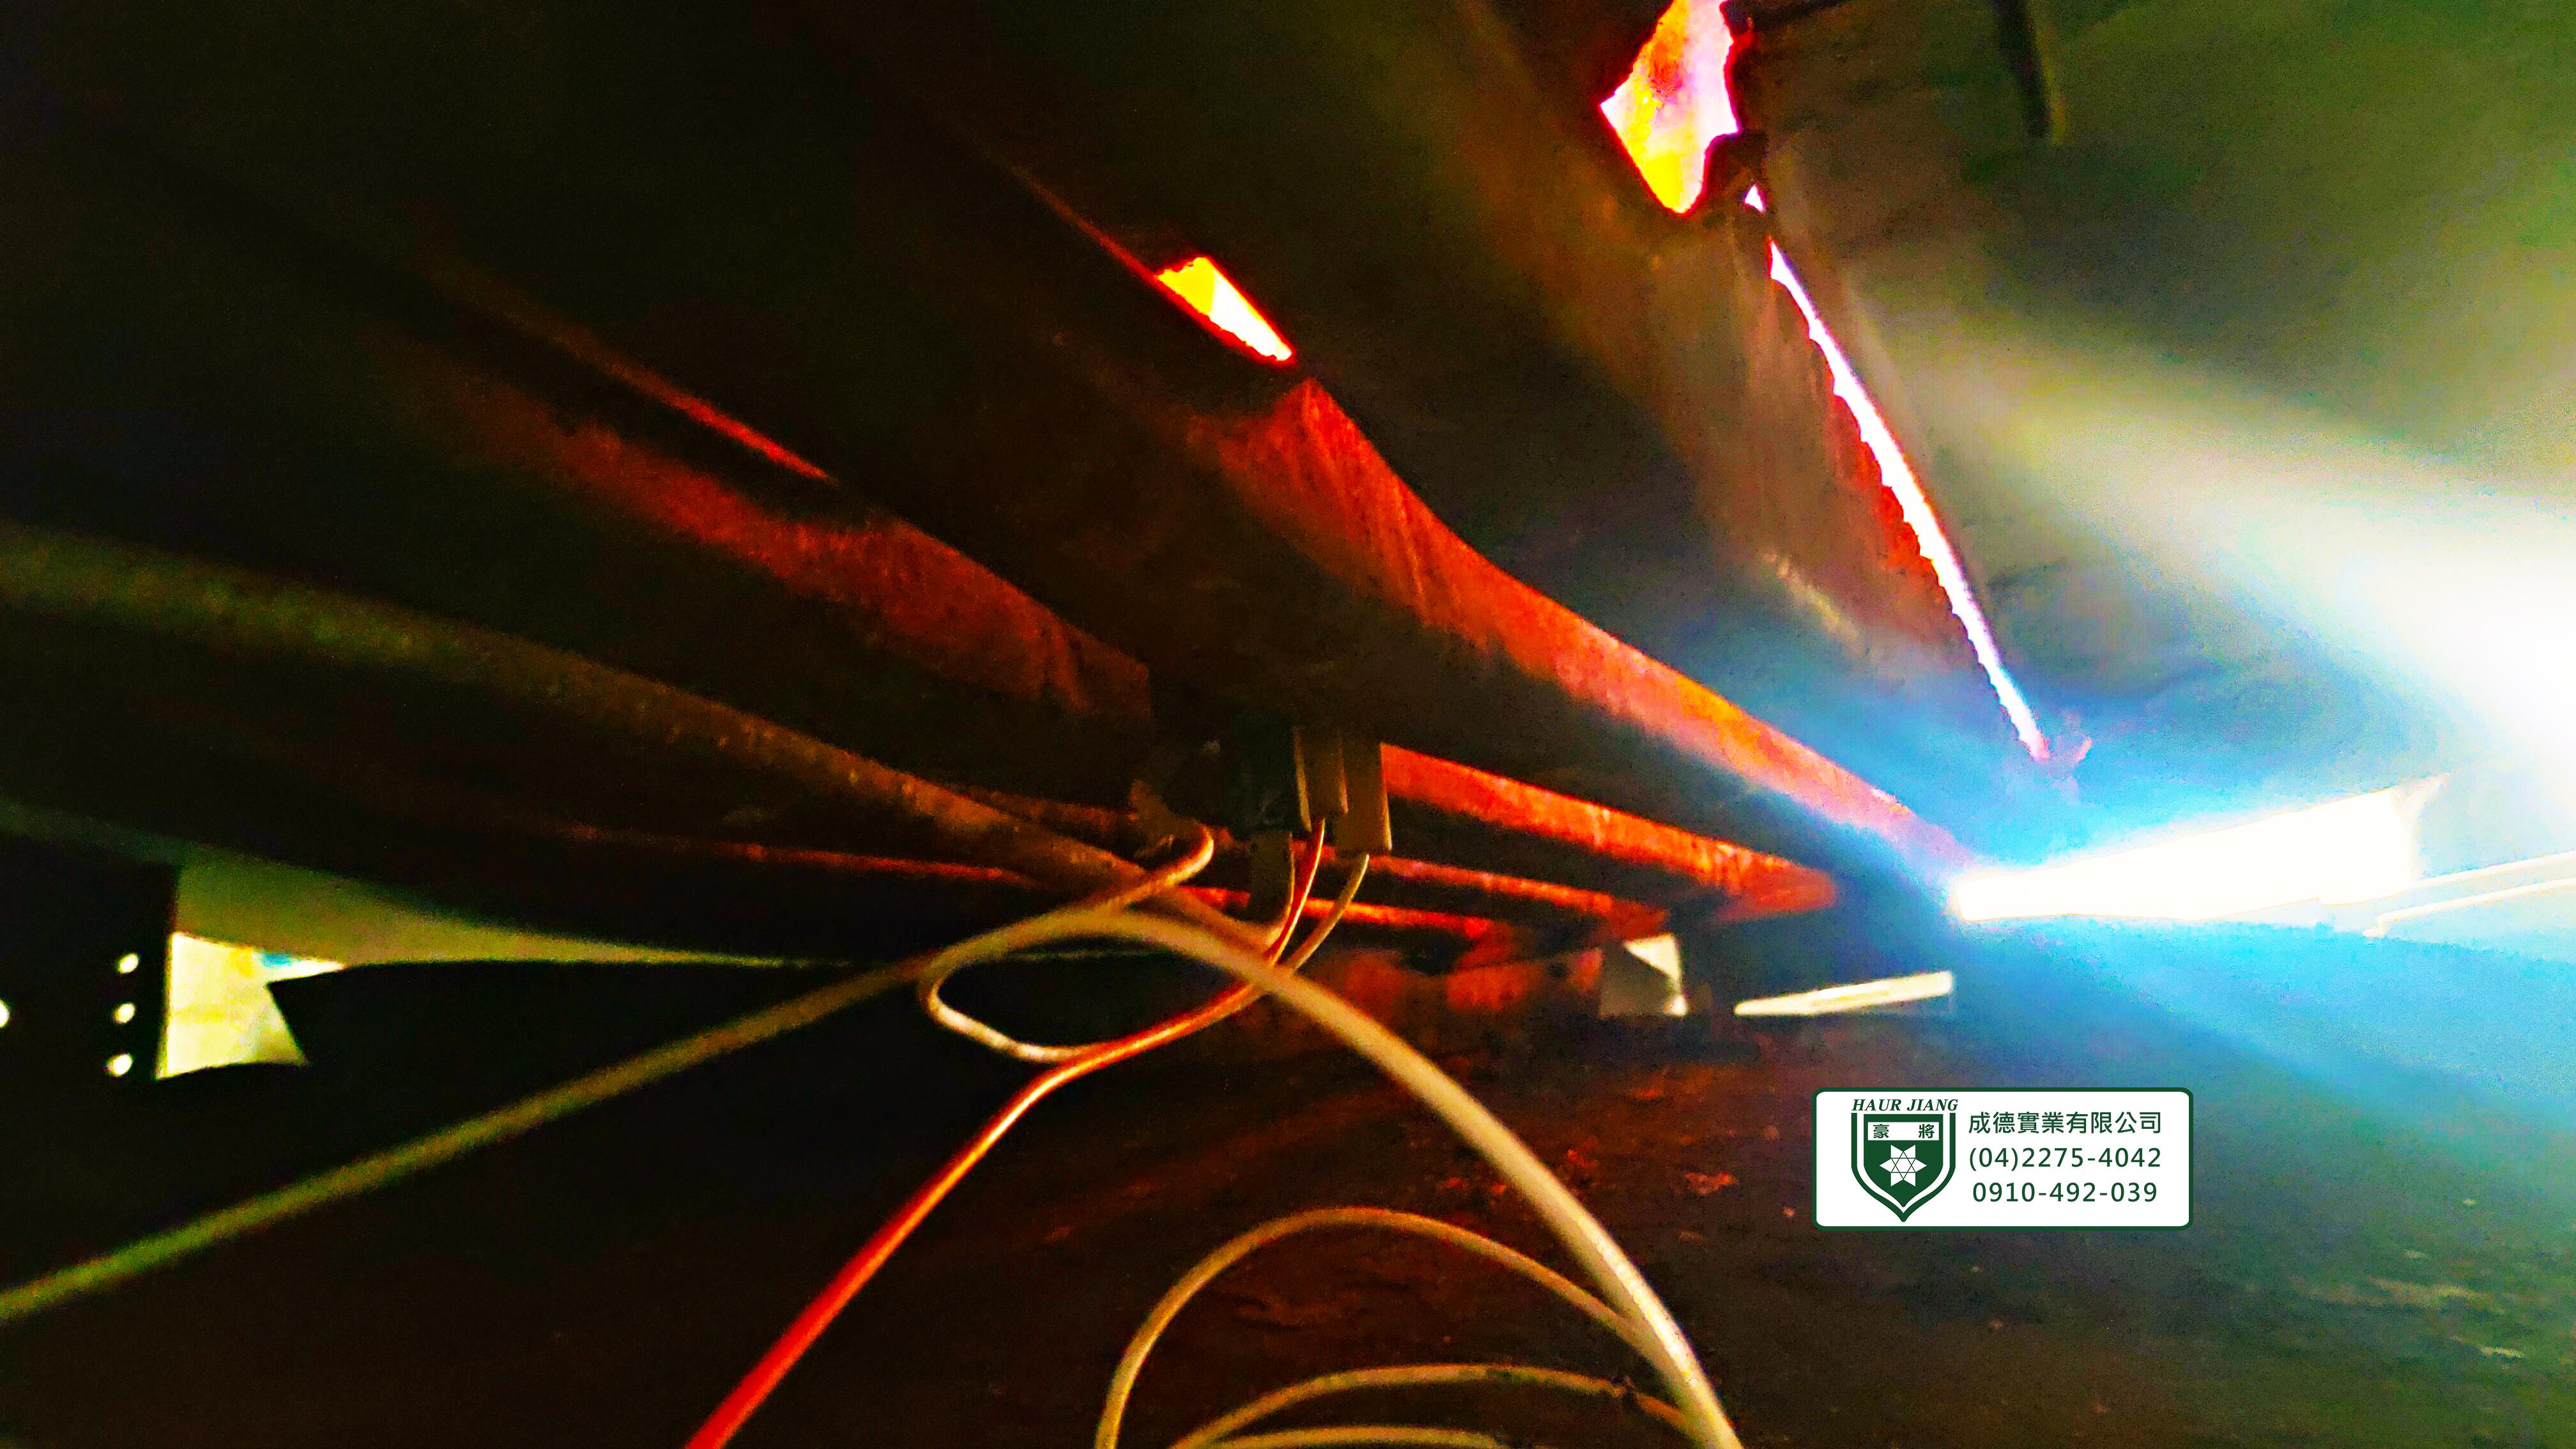 瓦斯熱水爐清潔保養